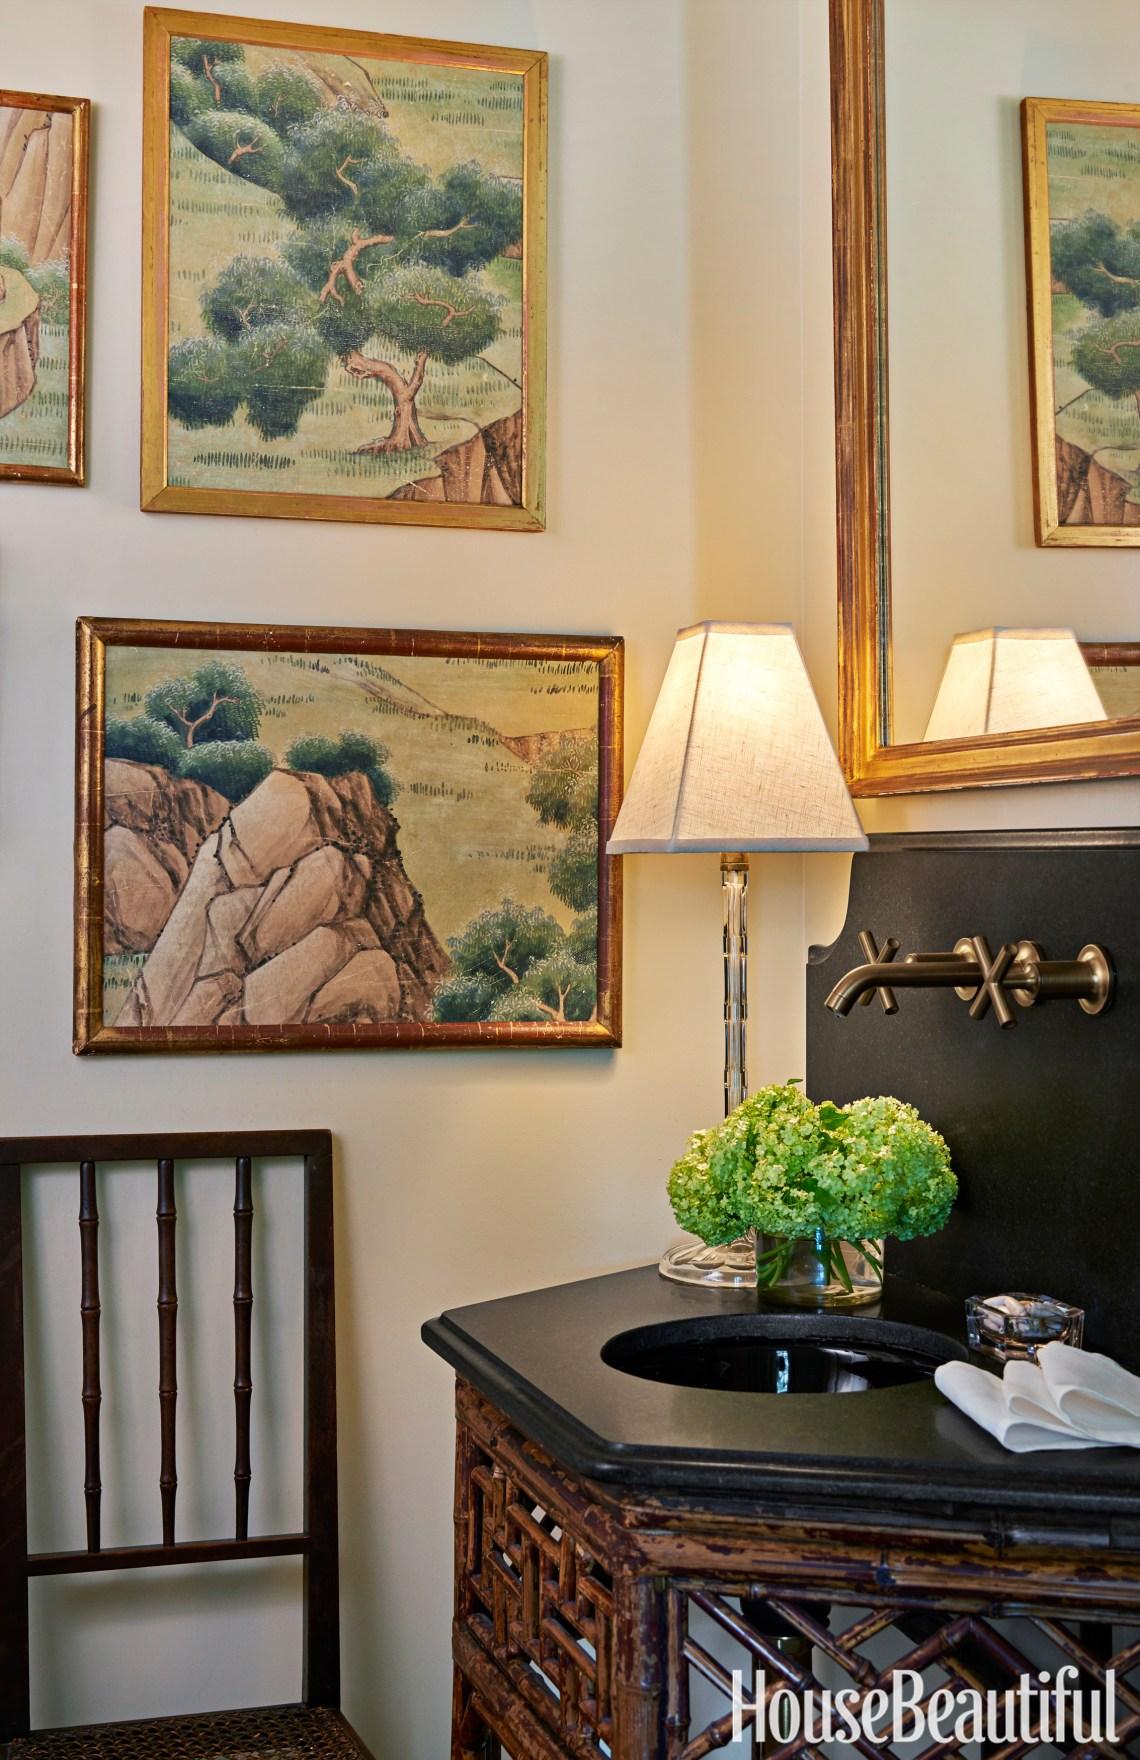 100+ Best Bathroom Design Ideas - Decor Pictures of ...